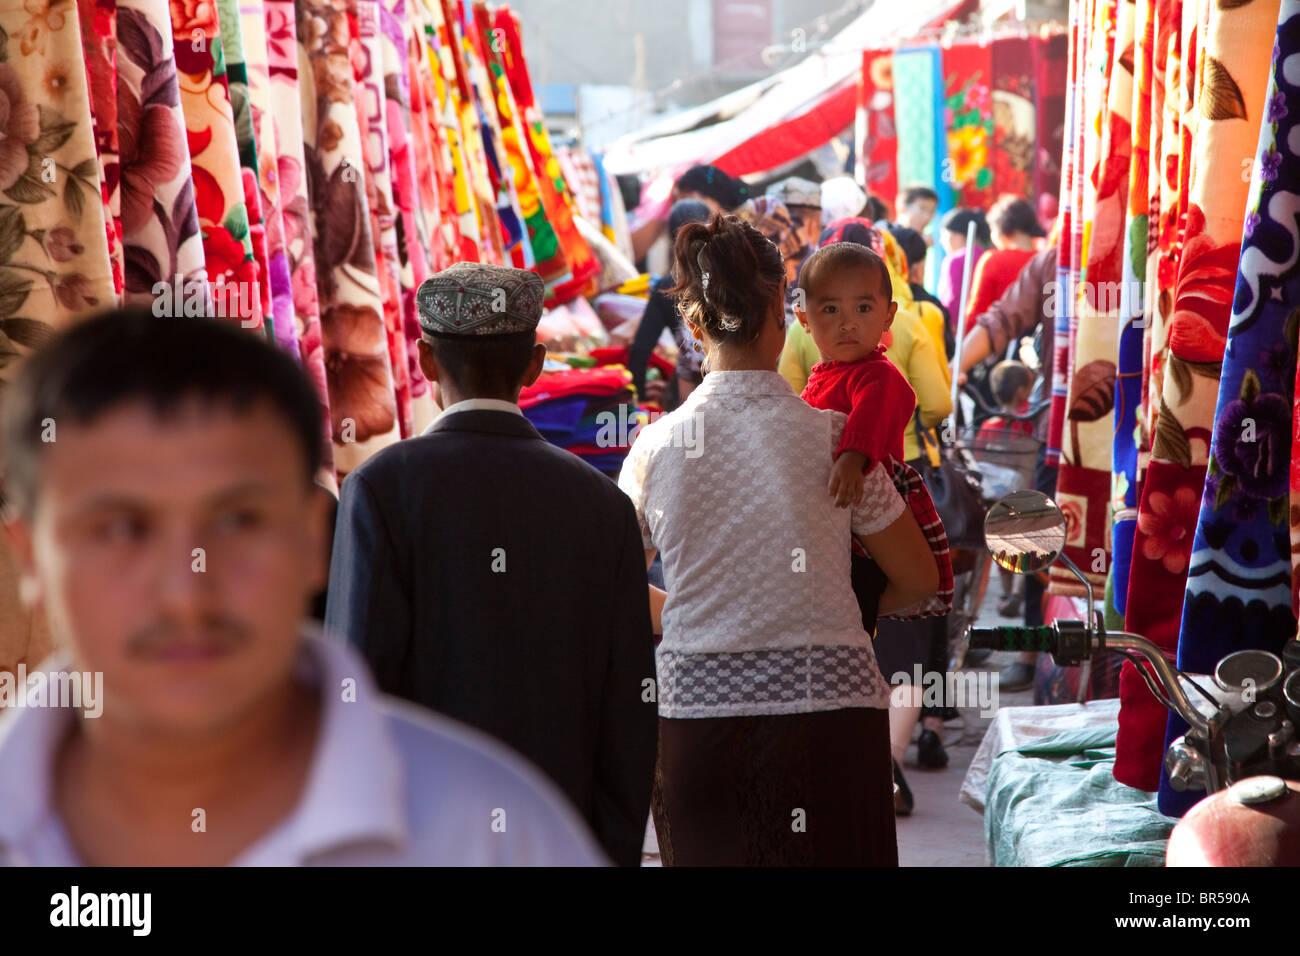 Bazaar in Turpan Xinjiang China. - Stock Image